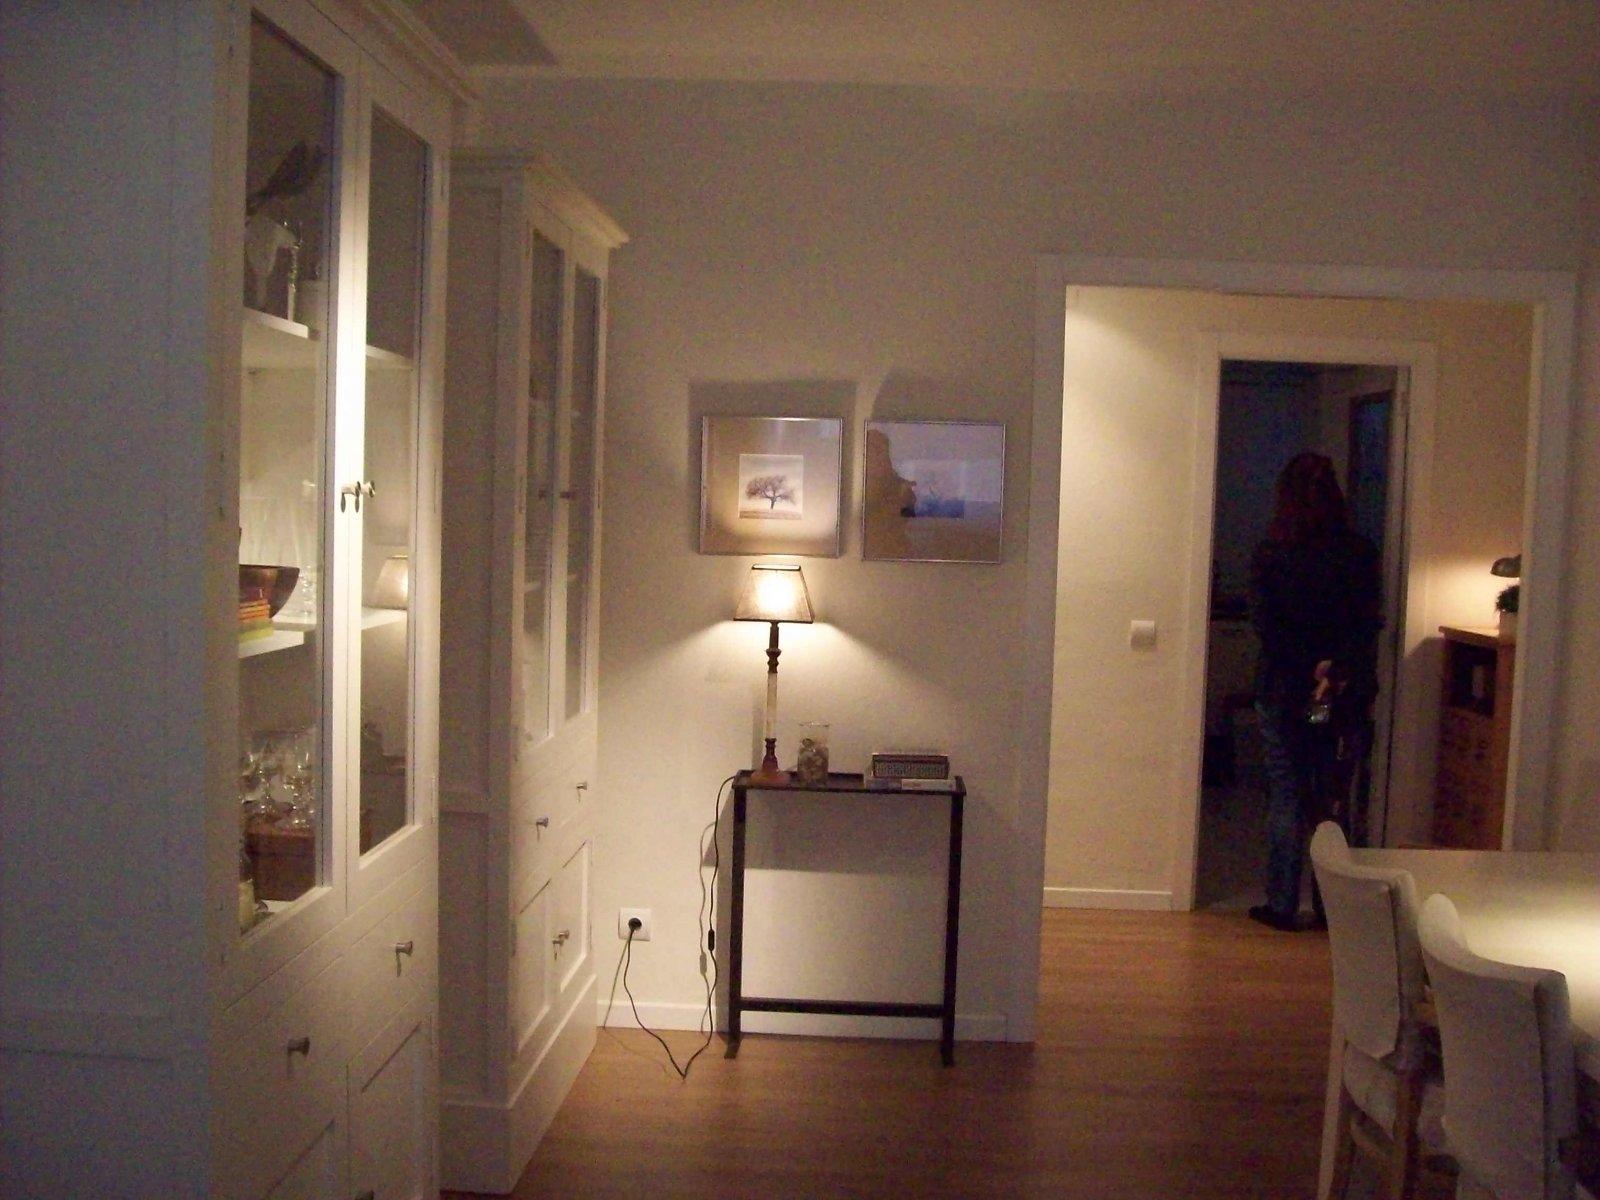 El antes y despu s de un sal n comedor decoraci n del hogar - Como decorar mi salon comedor ...